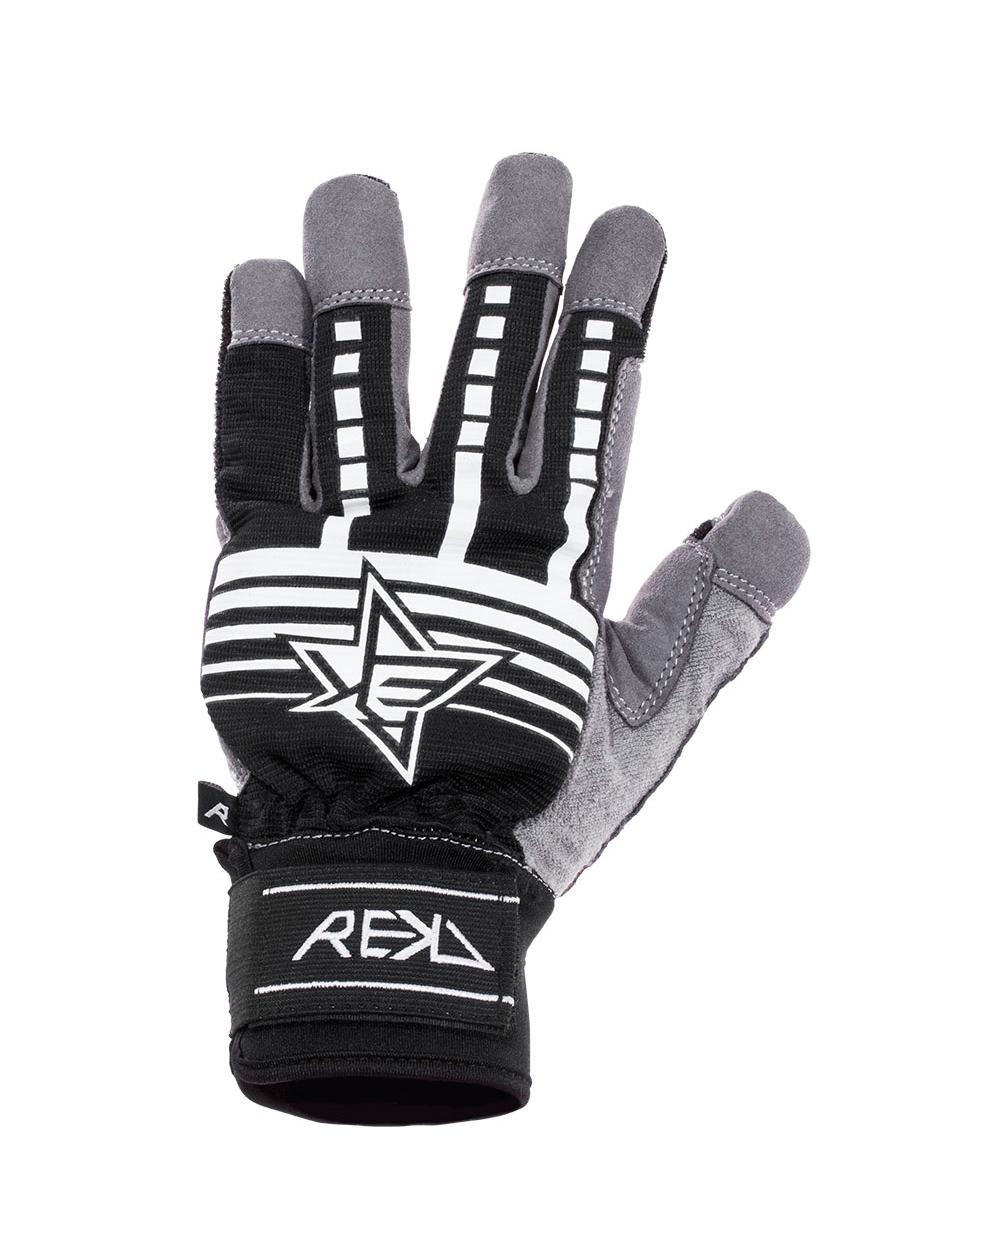 Rekd Protection Slide Gloves Slide-Handschuhe